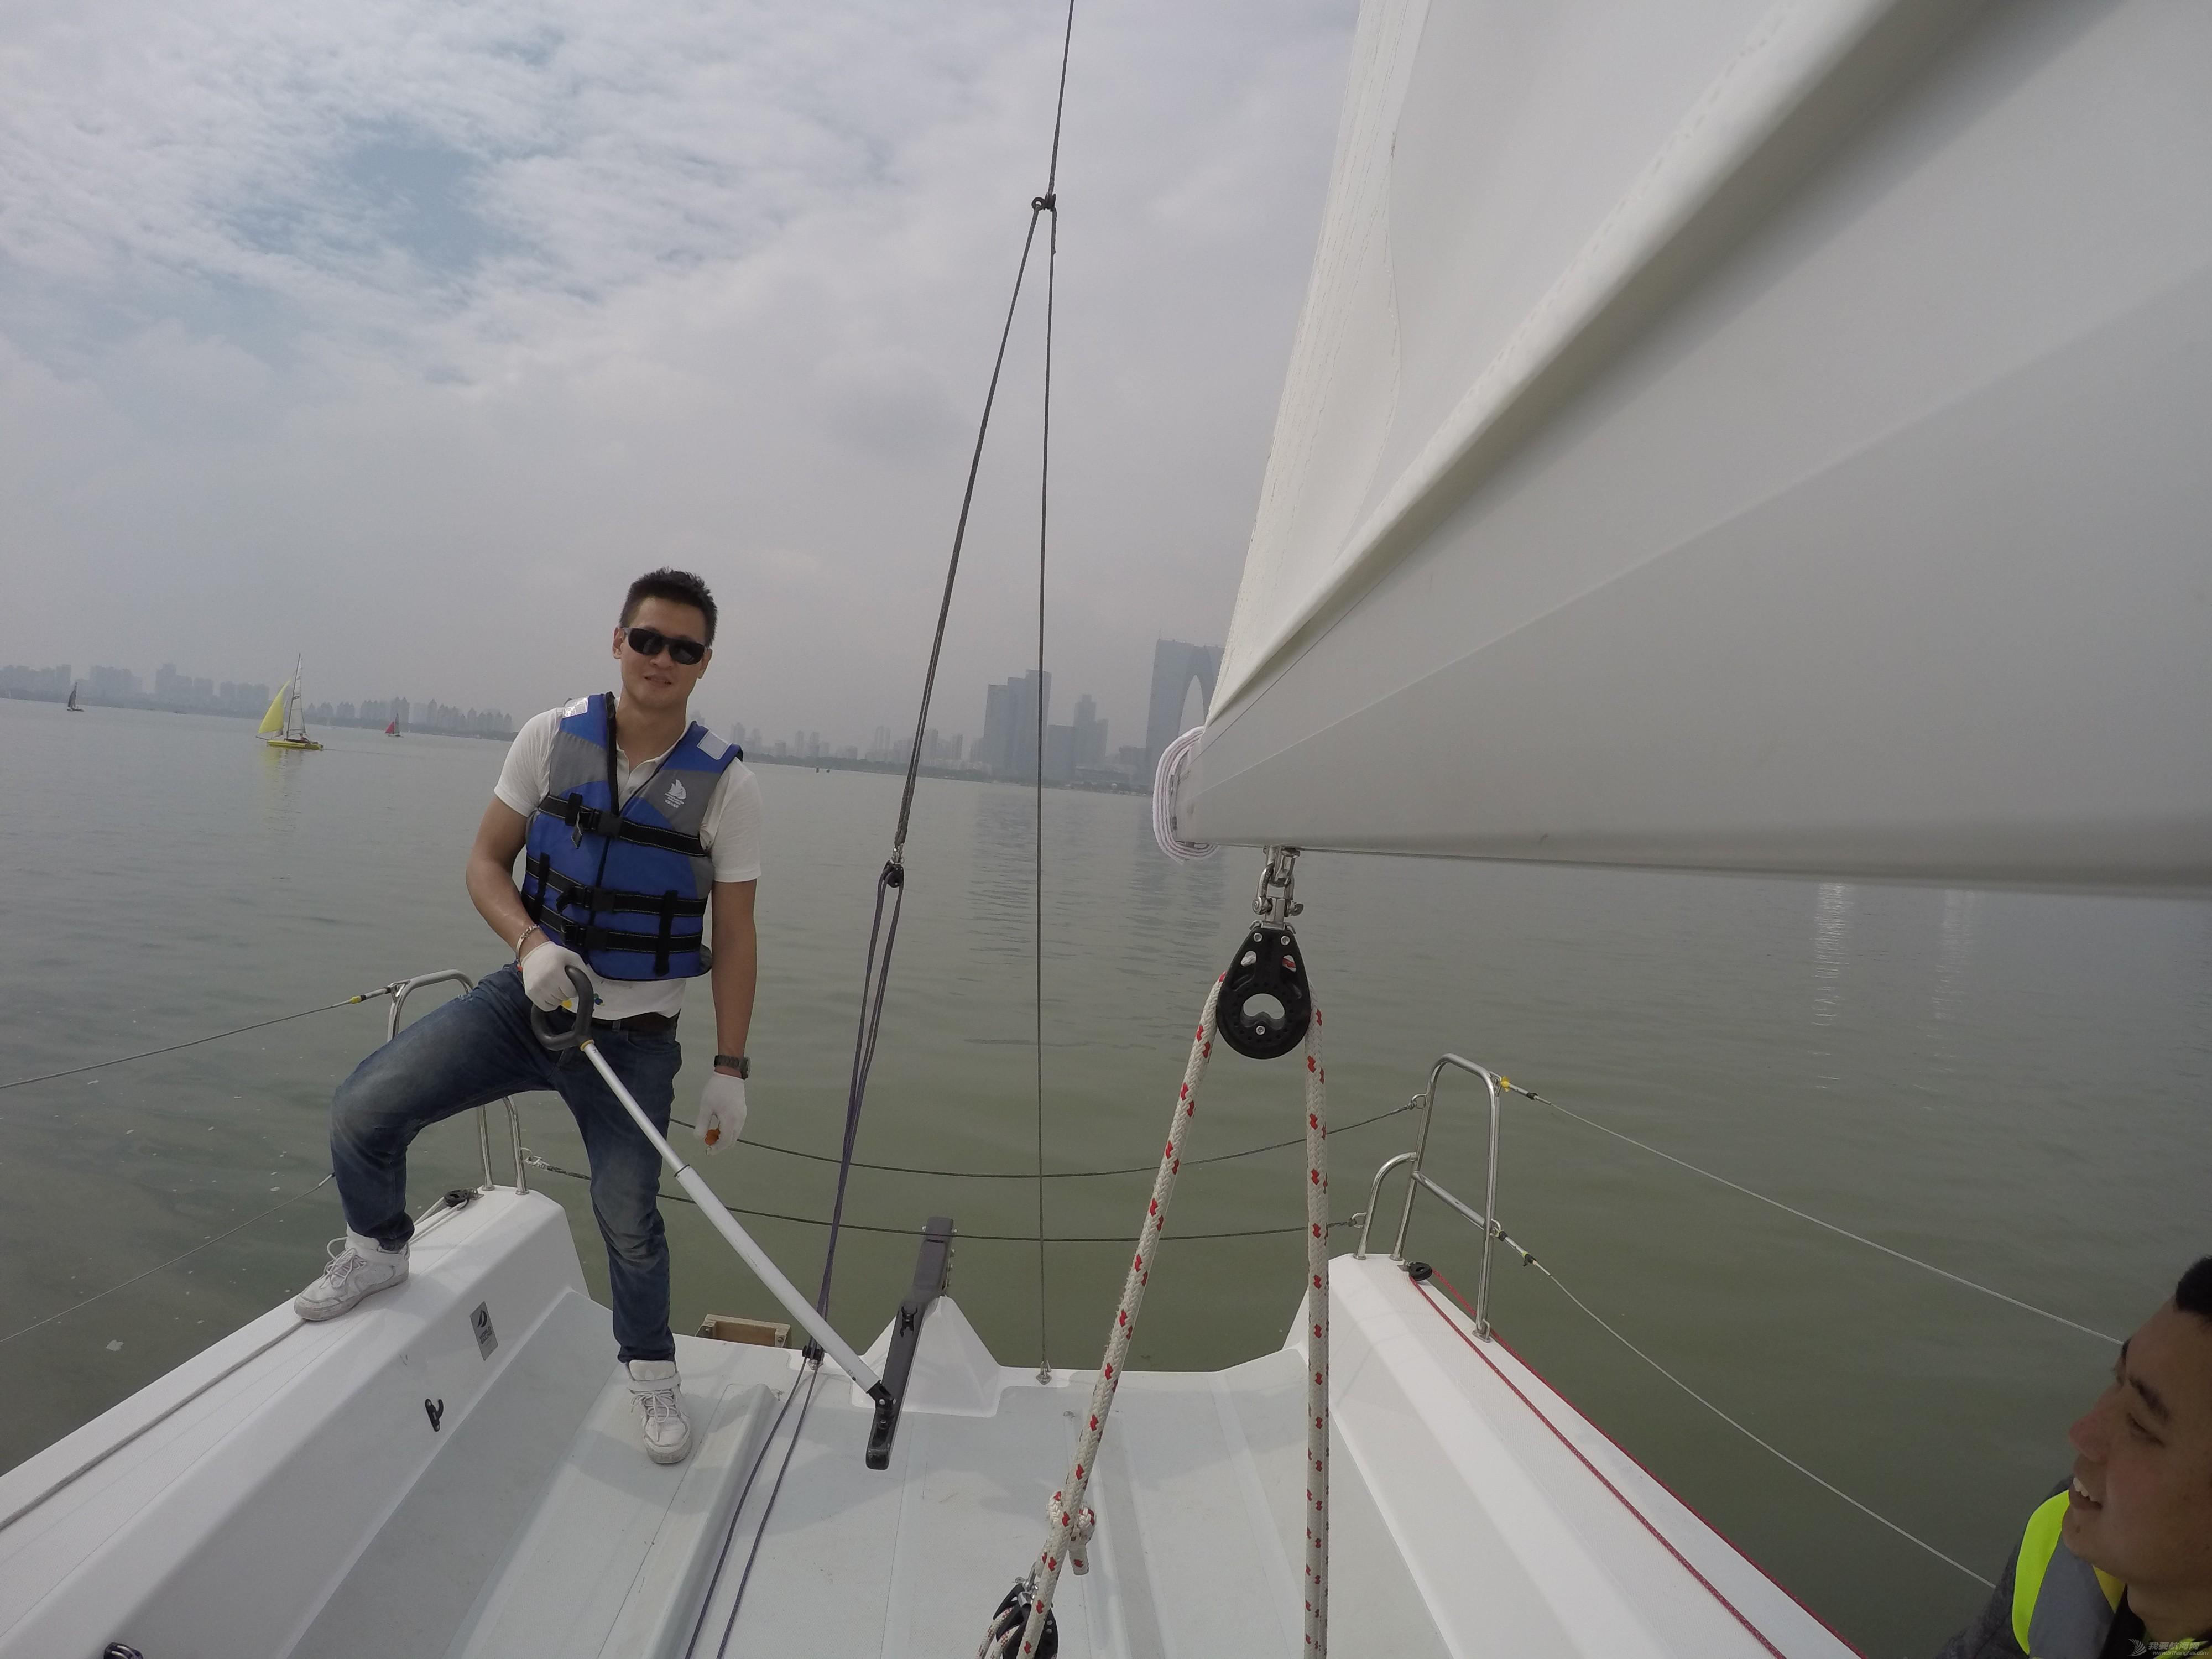 全新的世界,金鸡 风起湖上-城际内湖杯帆船赛 G0170442.JPG